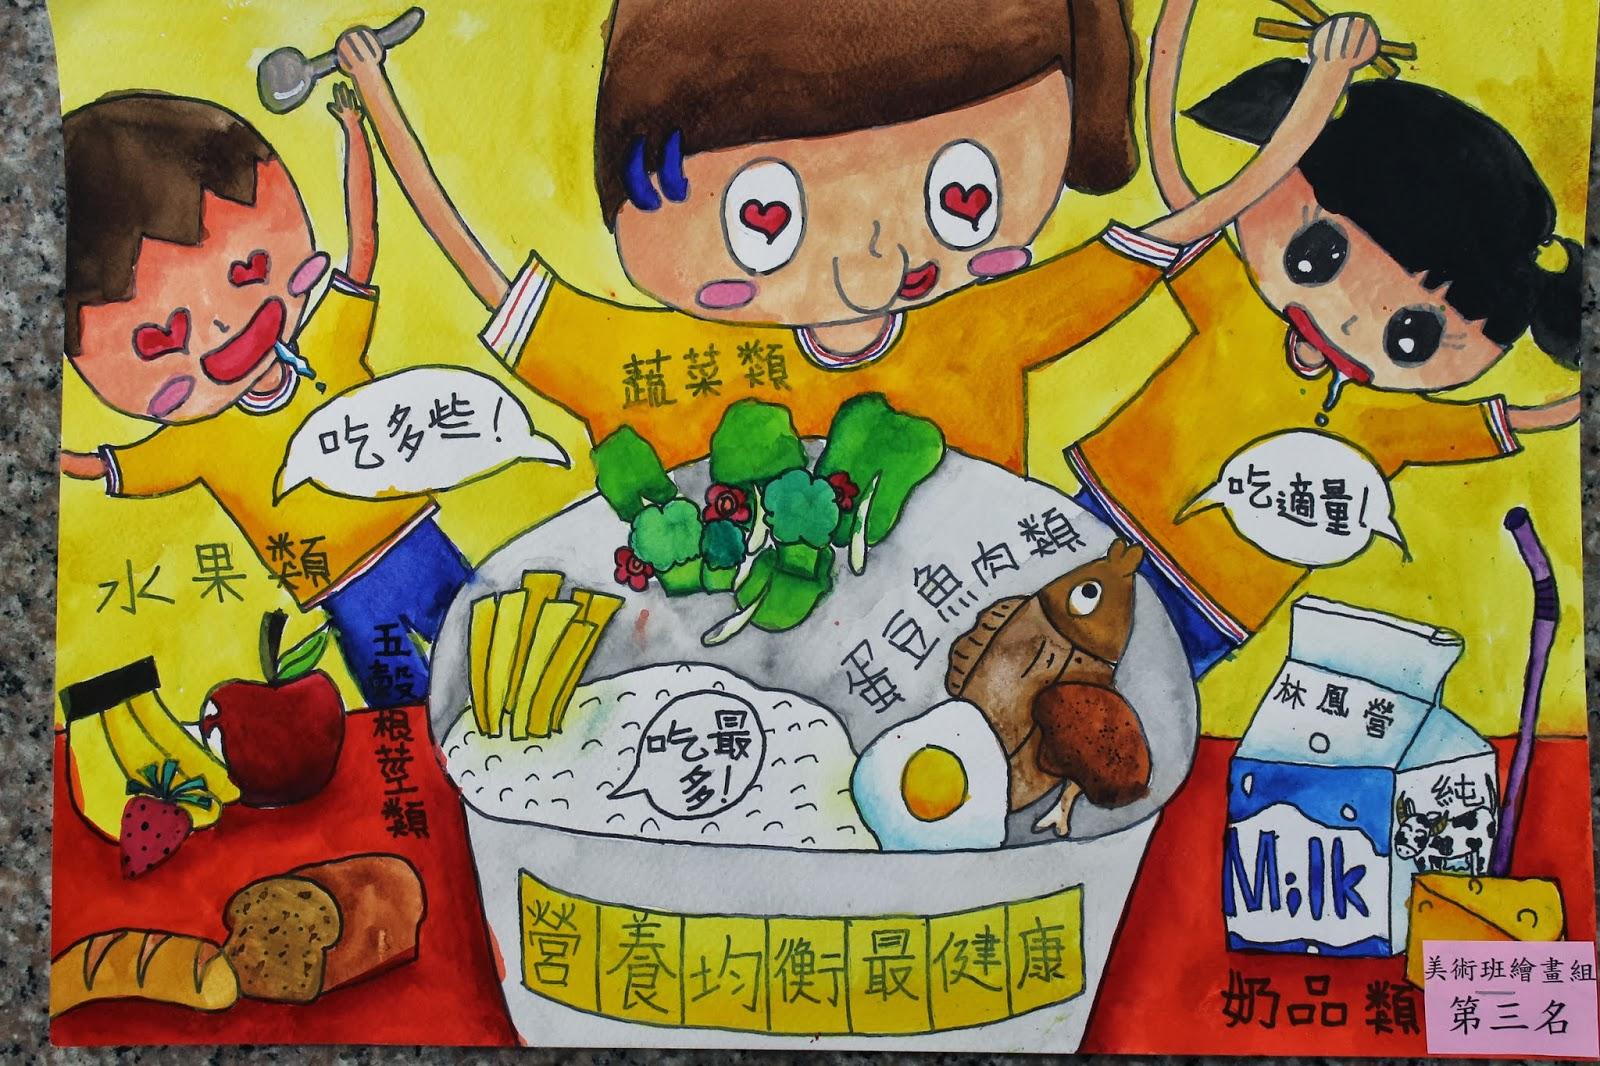 順天國小午餐營養教育網: 102學年度午餐教育藝文比賽-美術班繪畫組